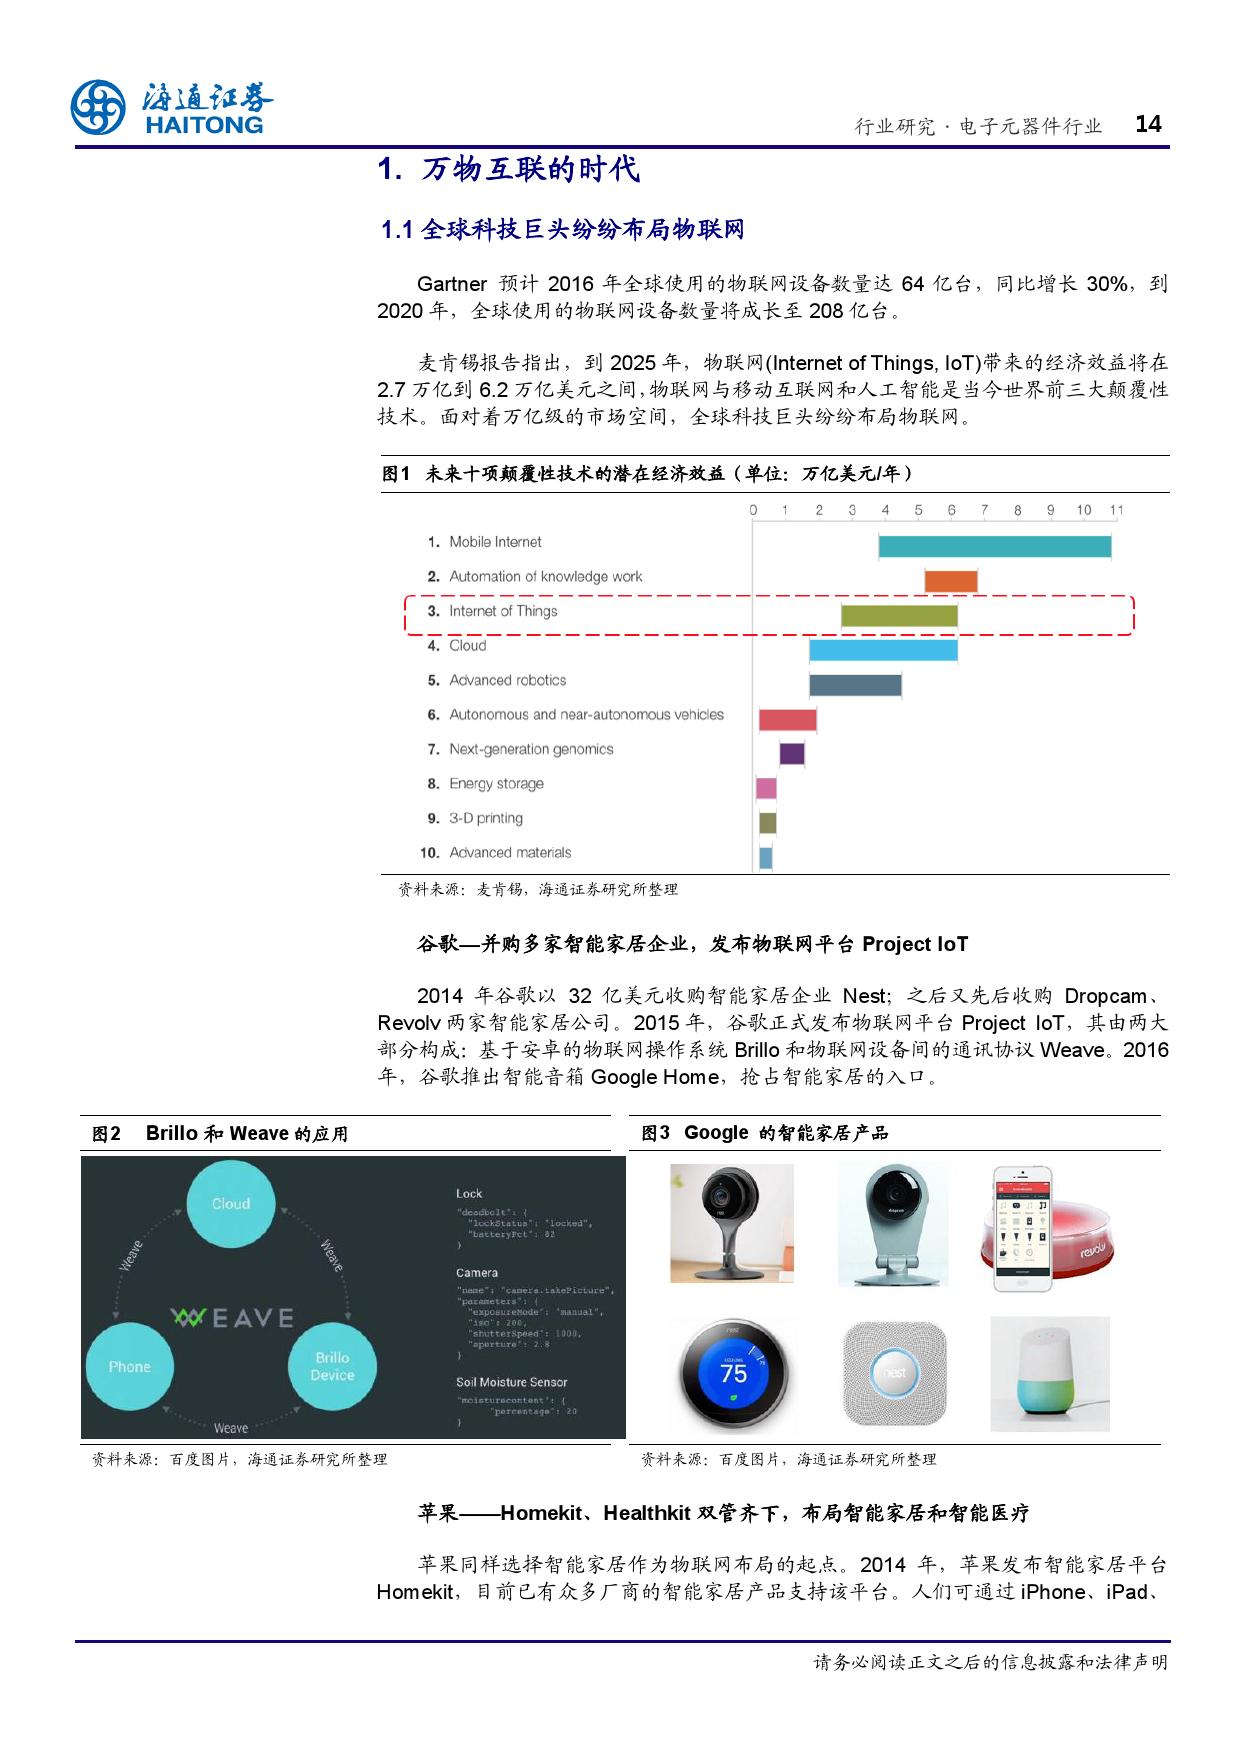 报告全解传感器全球产业链_000014